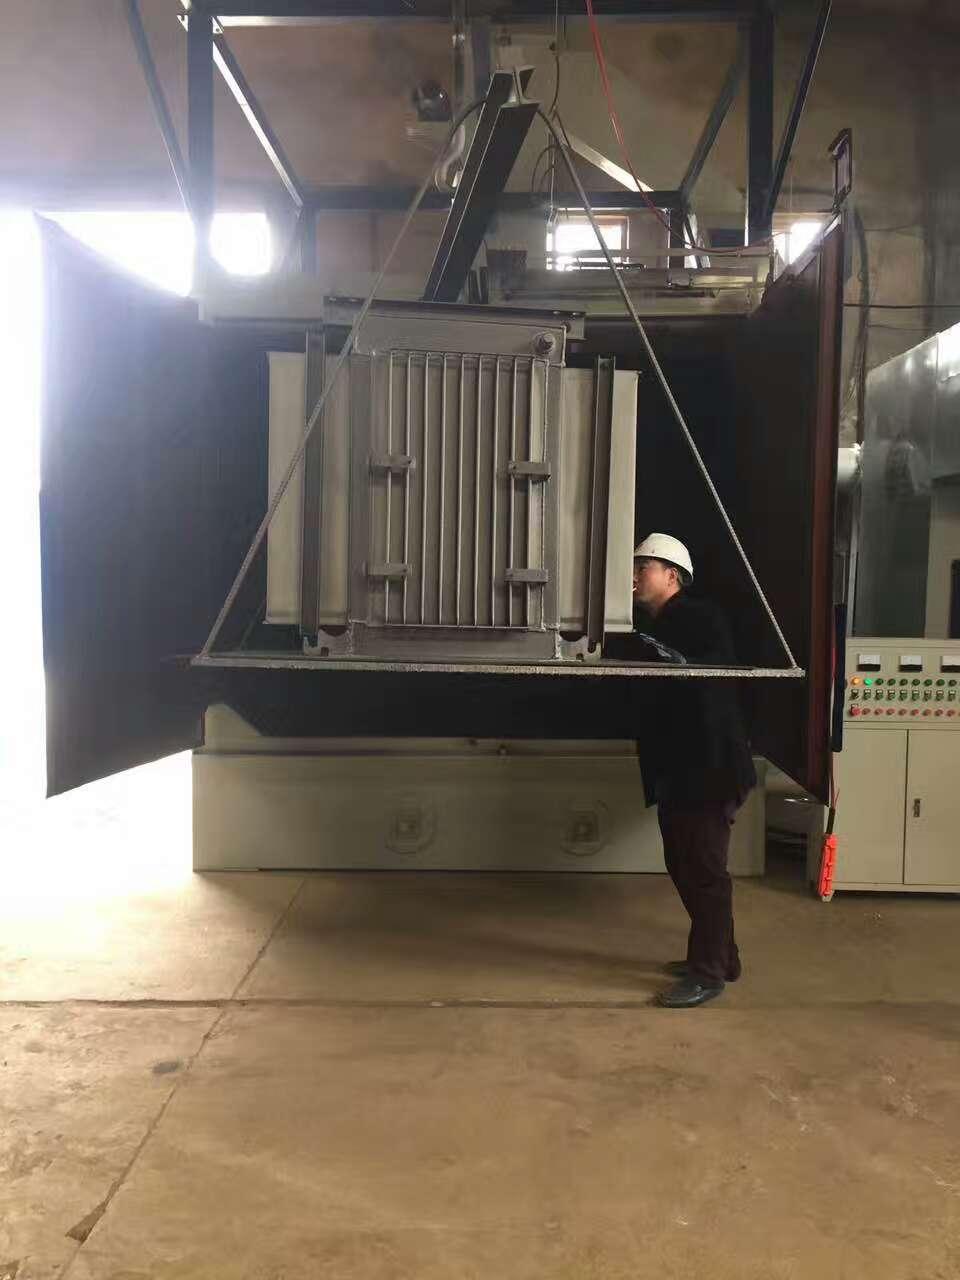 油浸式电力变压器喷粉前抛丸喷砂机除锈除氧化皮清理,增加附着力